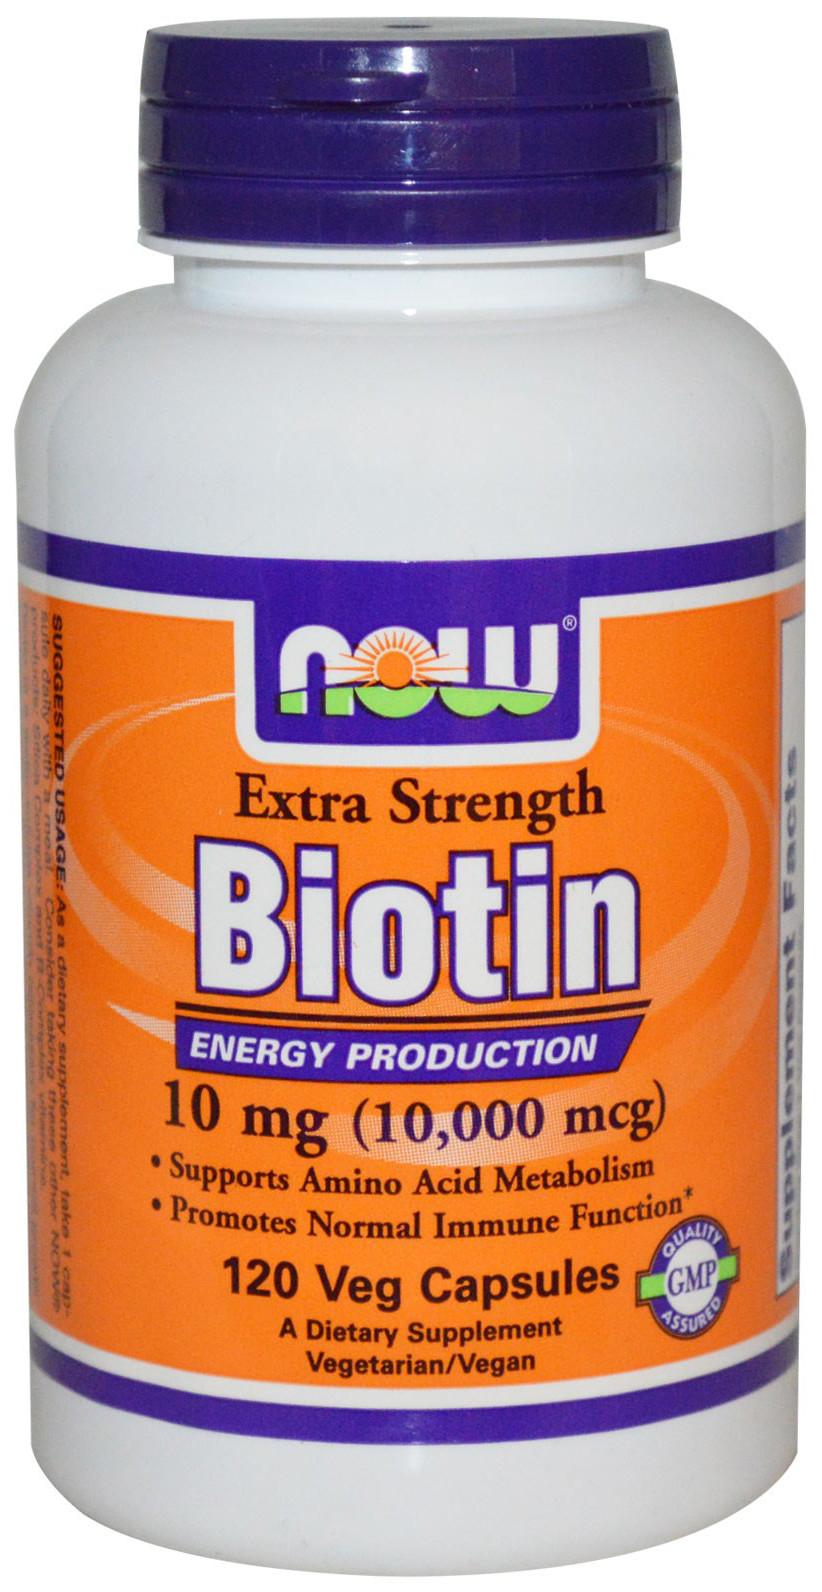 Biotin, 10mg (Extra Strength)  - 120 vcaps versandkostenfrei/portofrei bestellen/kaufen